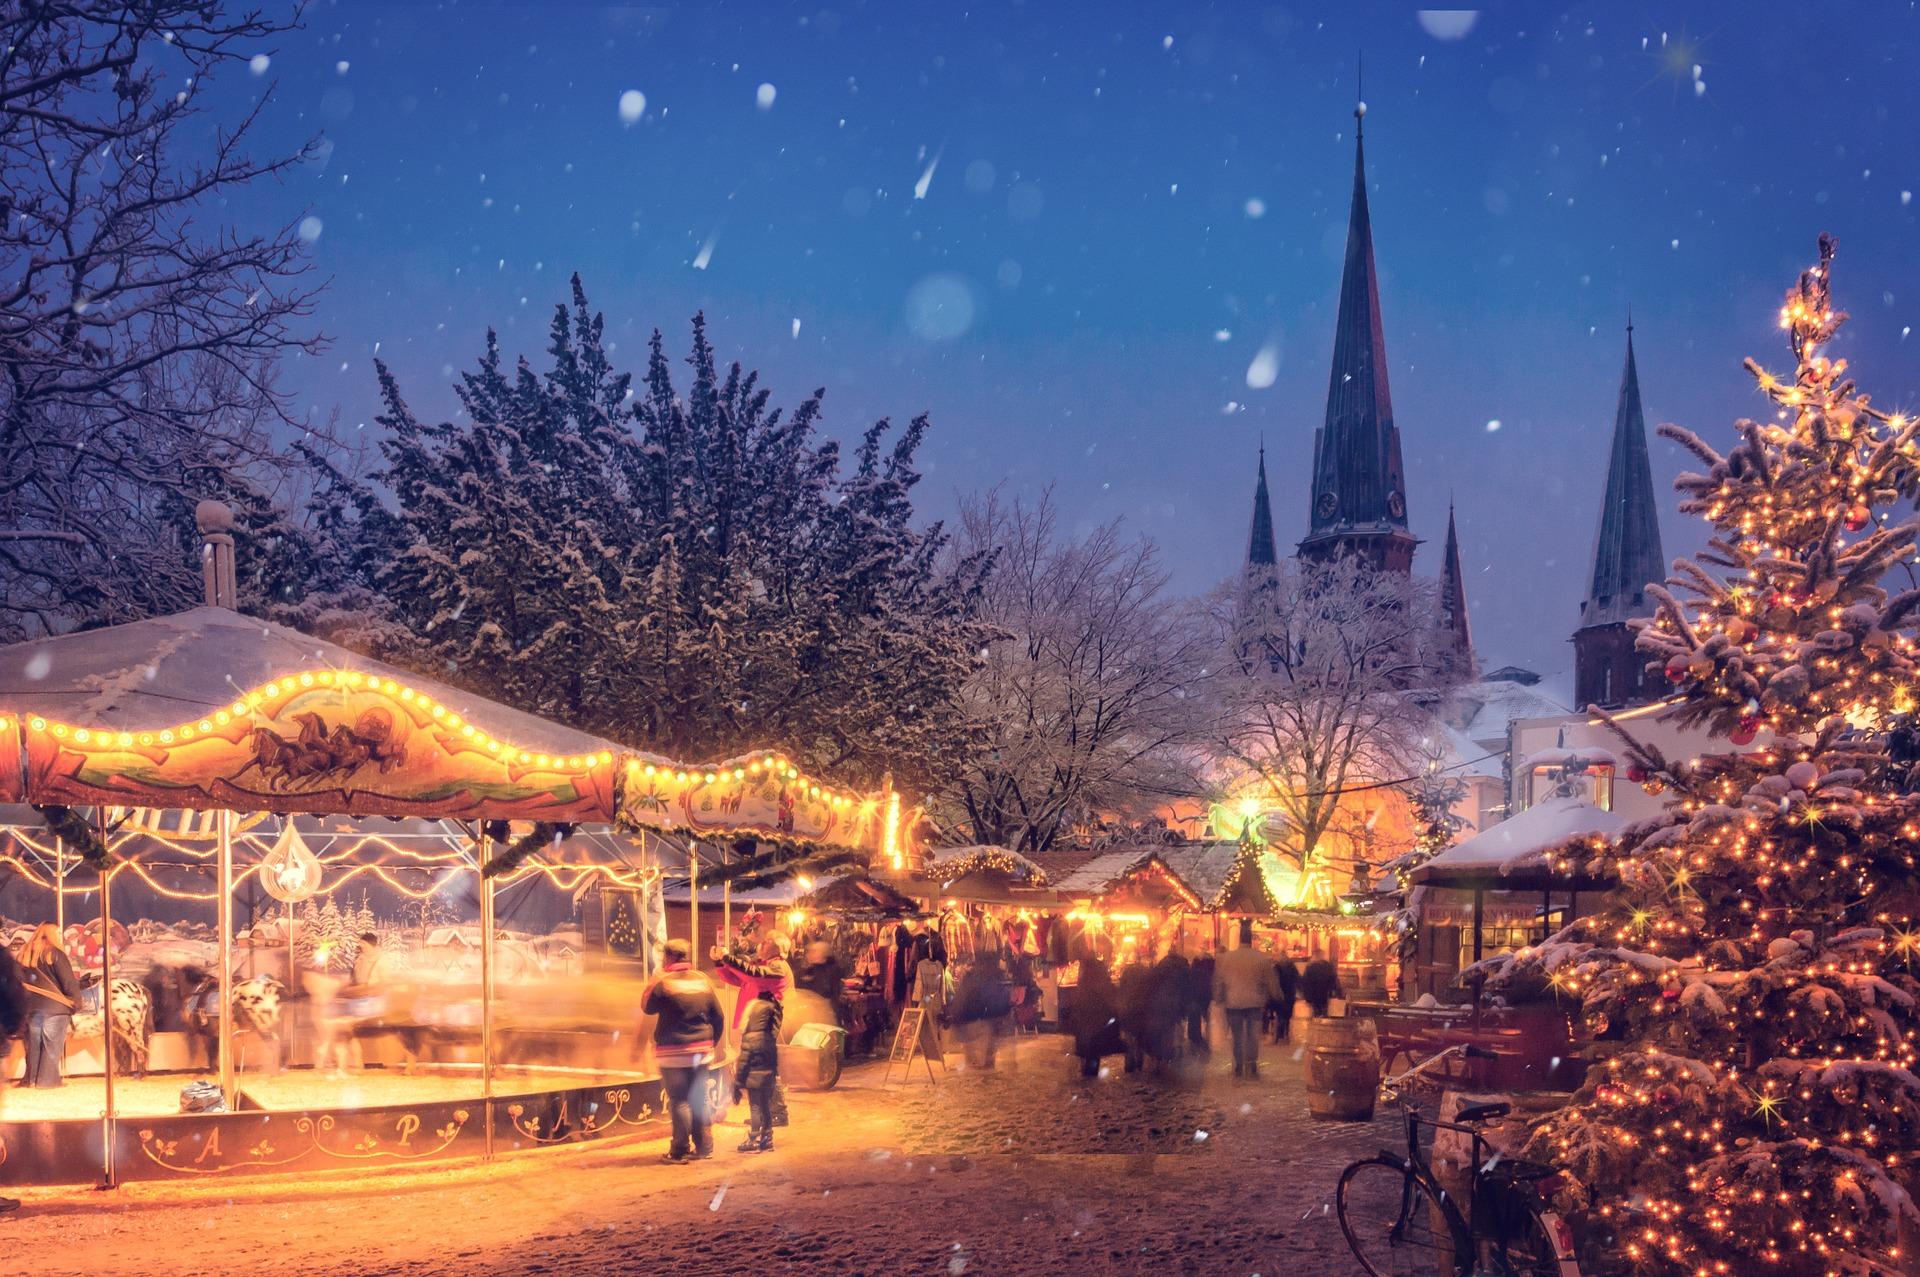 Die schönsten Weihnachtsmärkte für eine romantische Reise